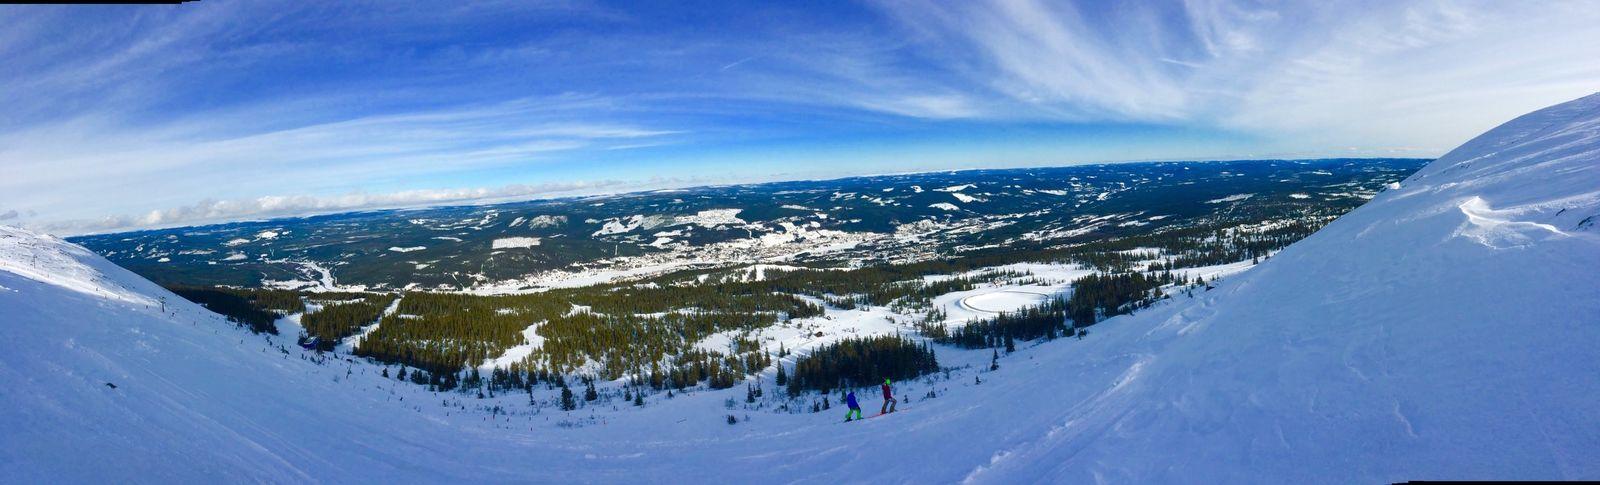 Skiing DubbelA